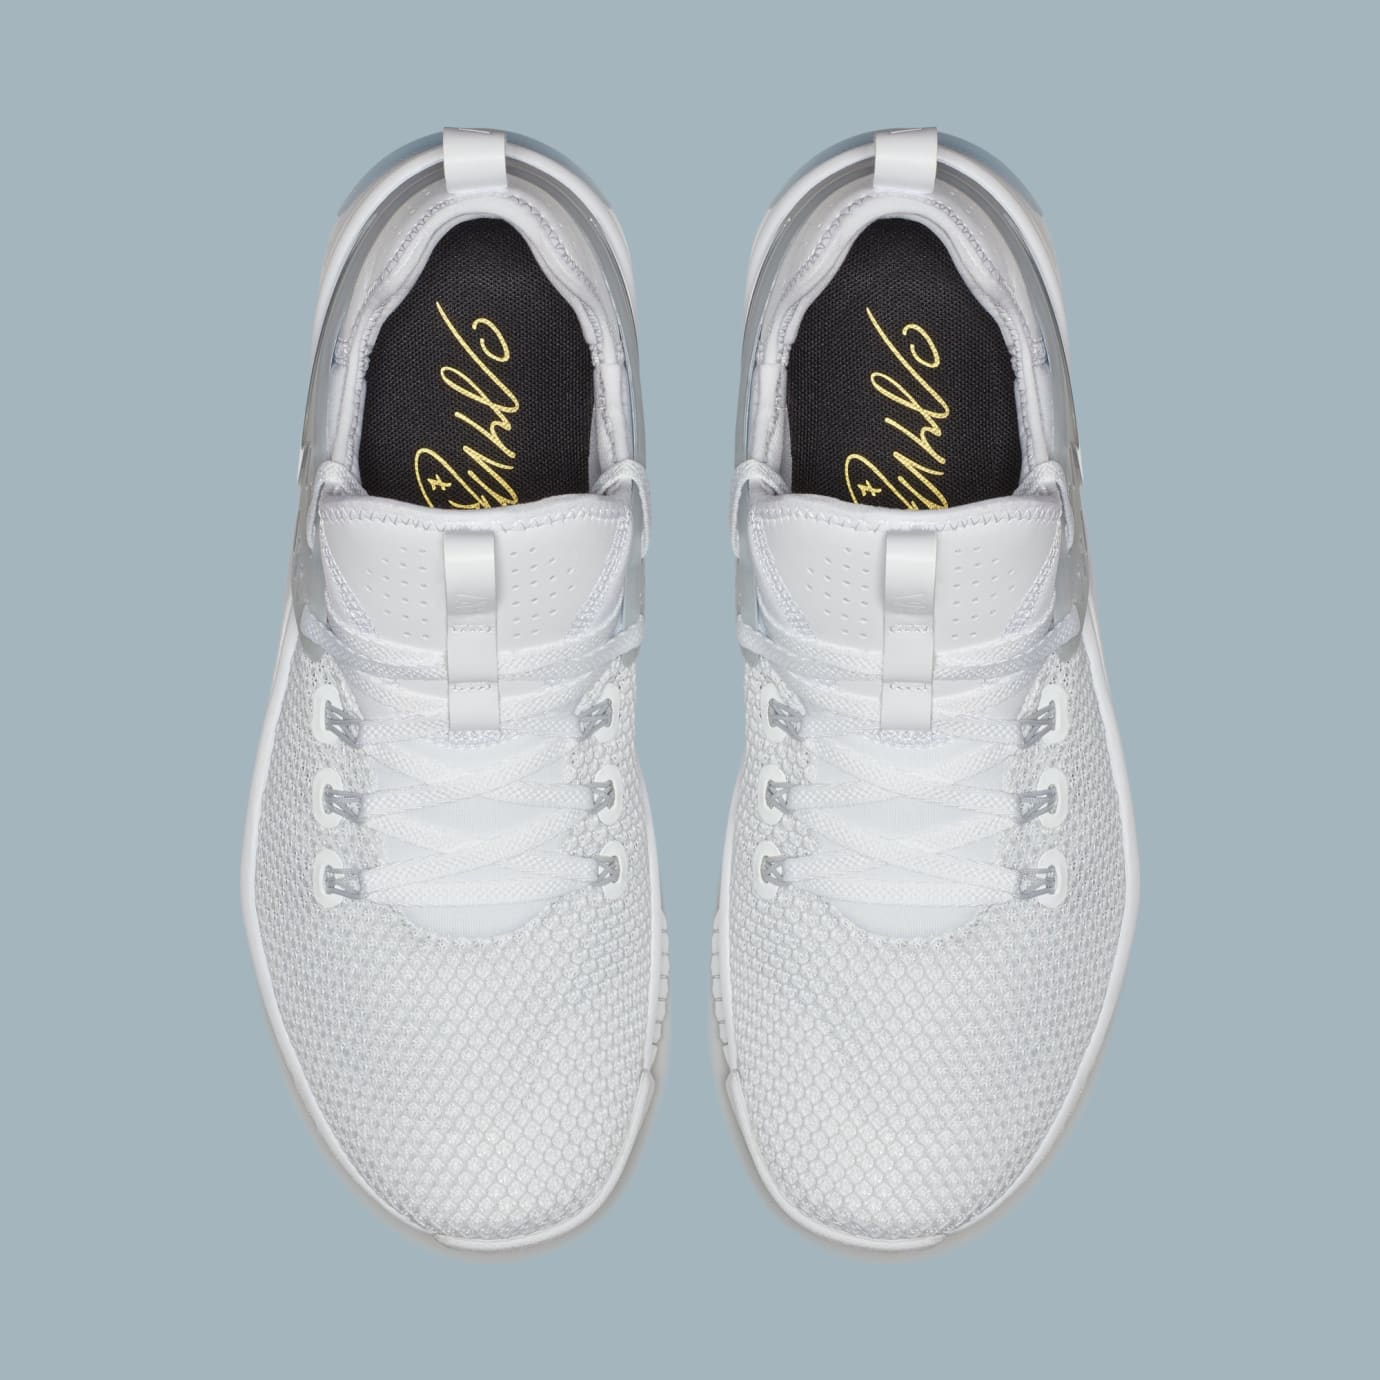 Nike Free CR7 x Metcon AO8292-110 (Top)